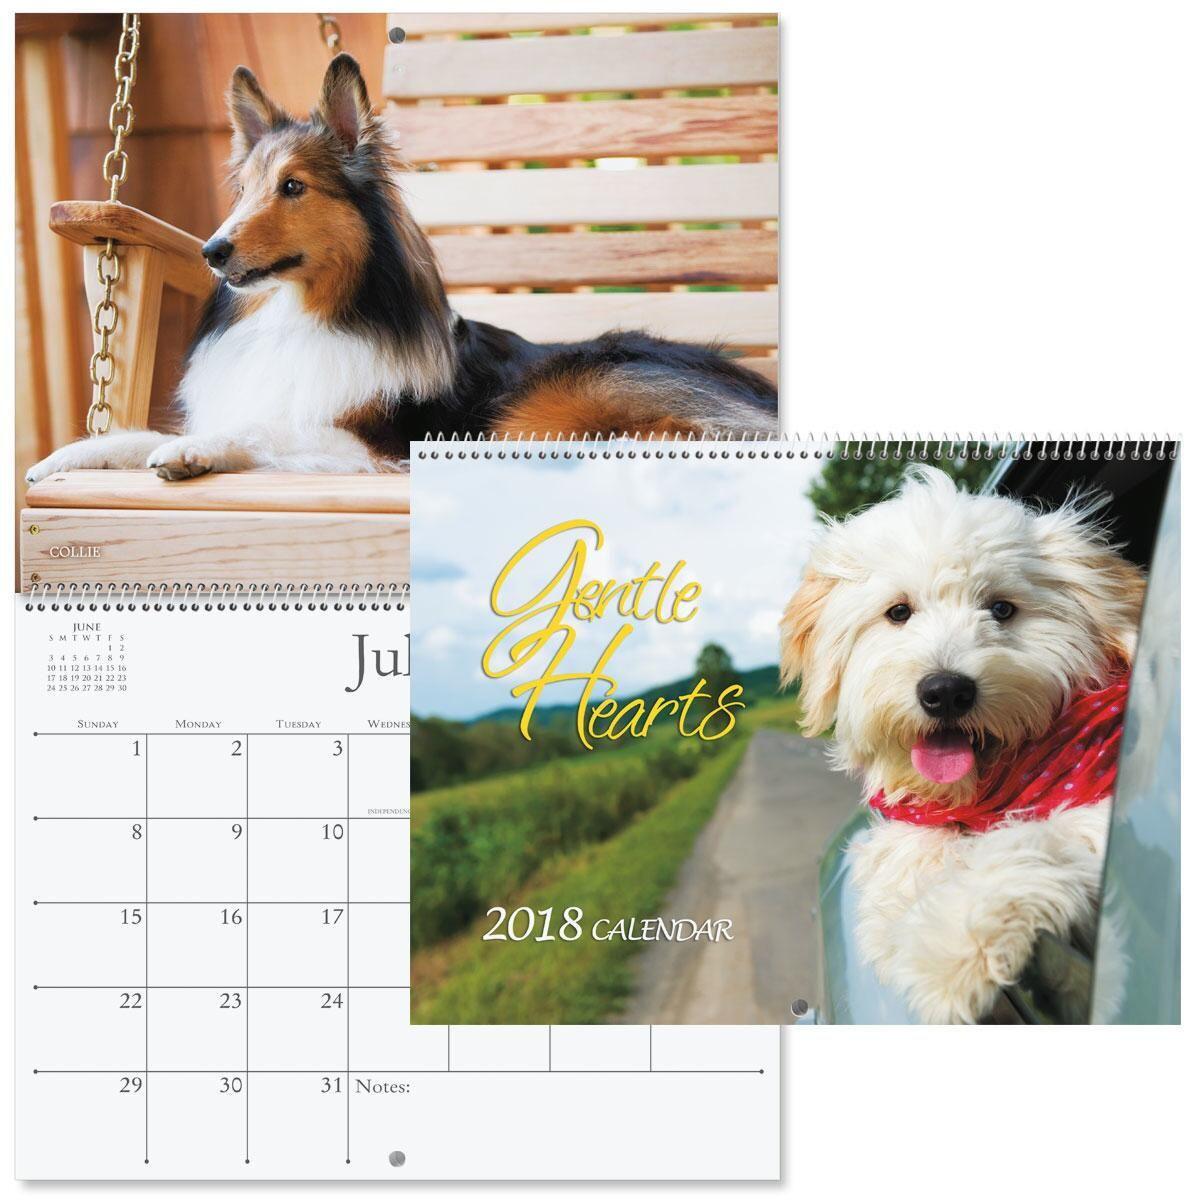 2018 Dogs Wall Calendar